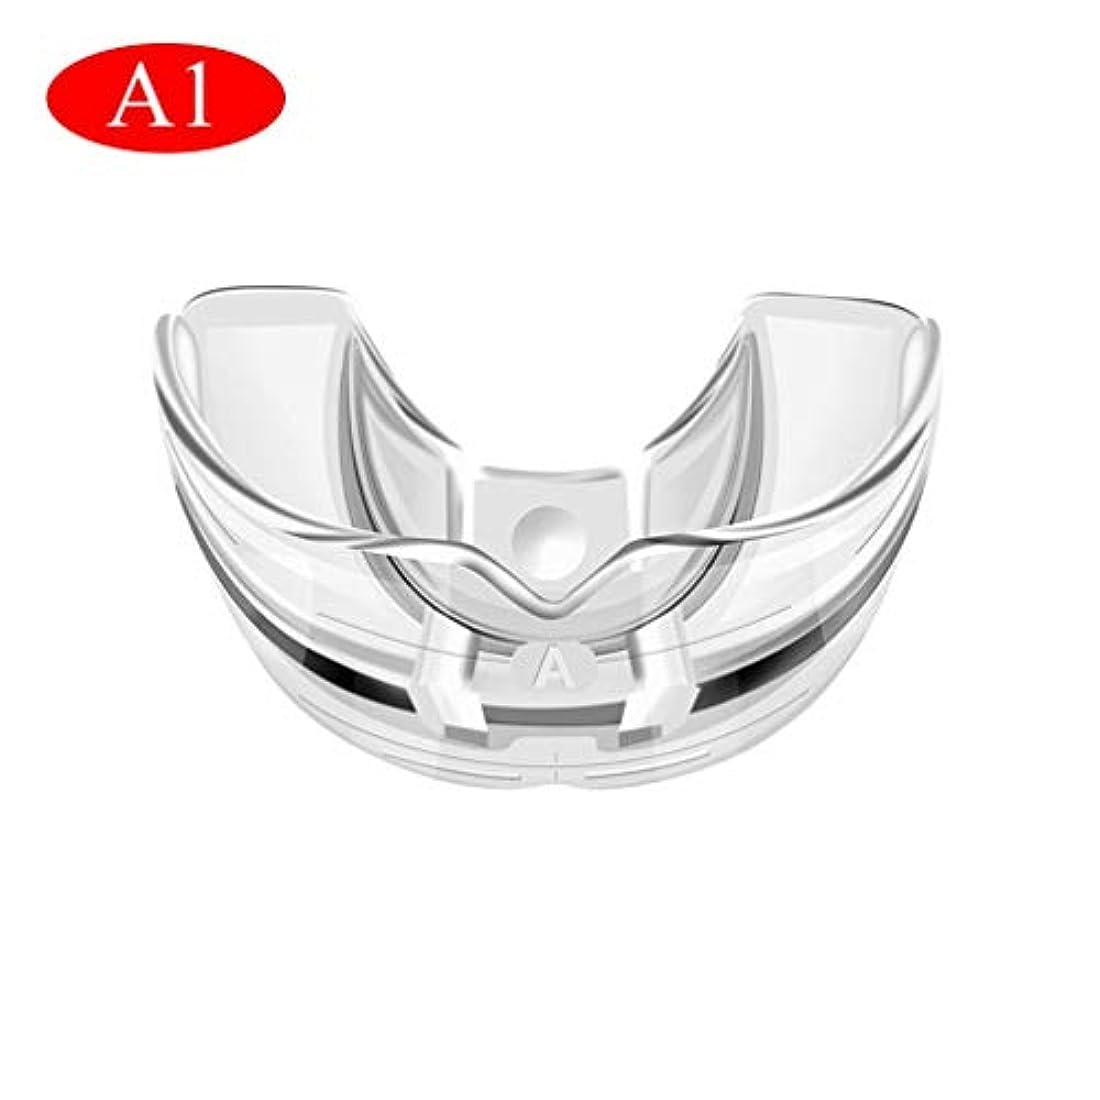 意図的初期のトランジスタ歯列矯正器具、歯の状態に応じた3段階/透明で柔らかい、そして硬い歯科用マウスガード歯列矯正器具(透明)